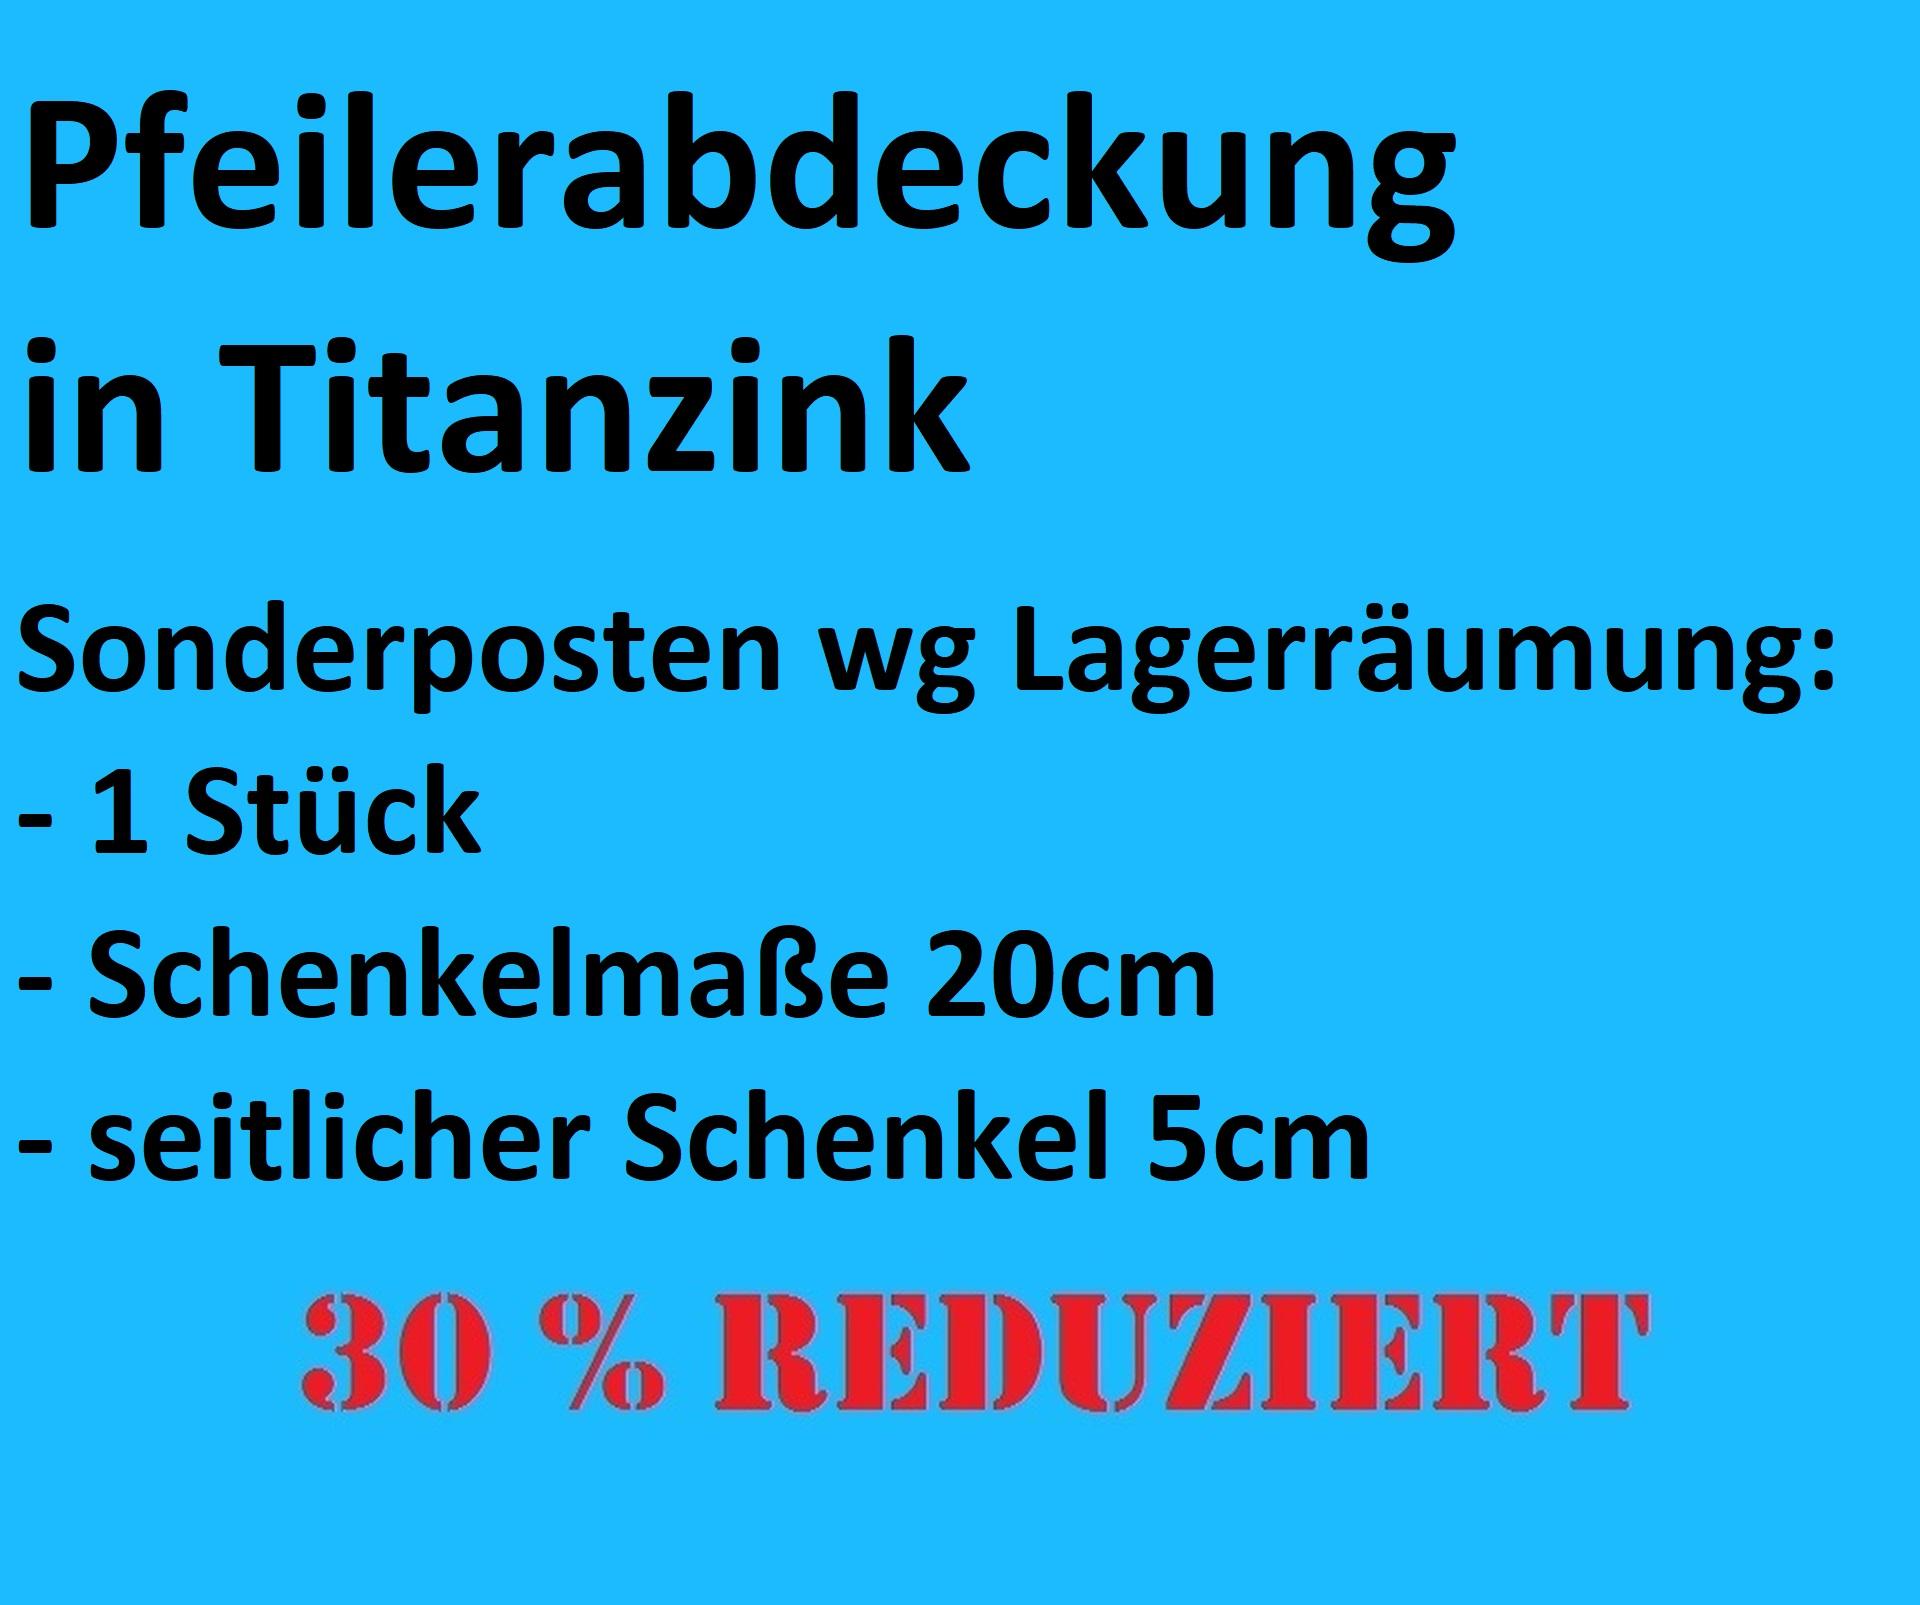 Pfeilerabdeckung in Titanzink, Abdeckungsbreite 20cm x 20cm